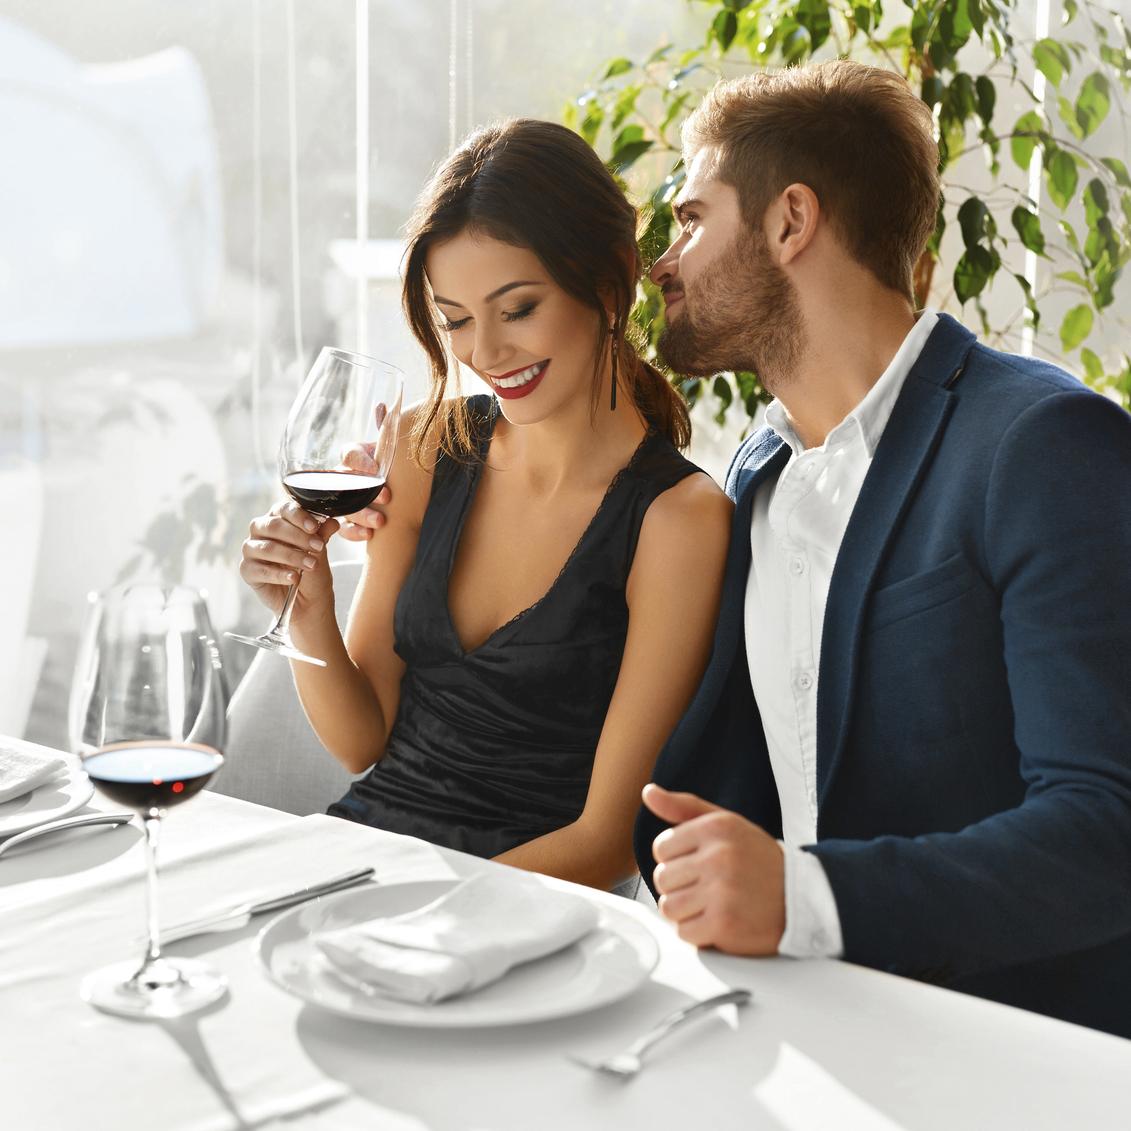 男性が大好きな!「たくさん食べるのにスタイル抜群」を実現する作戦!